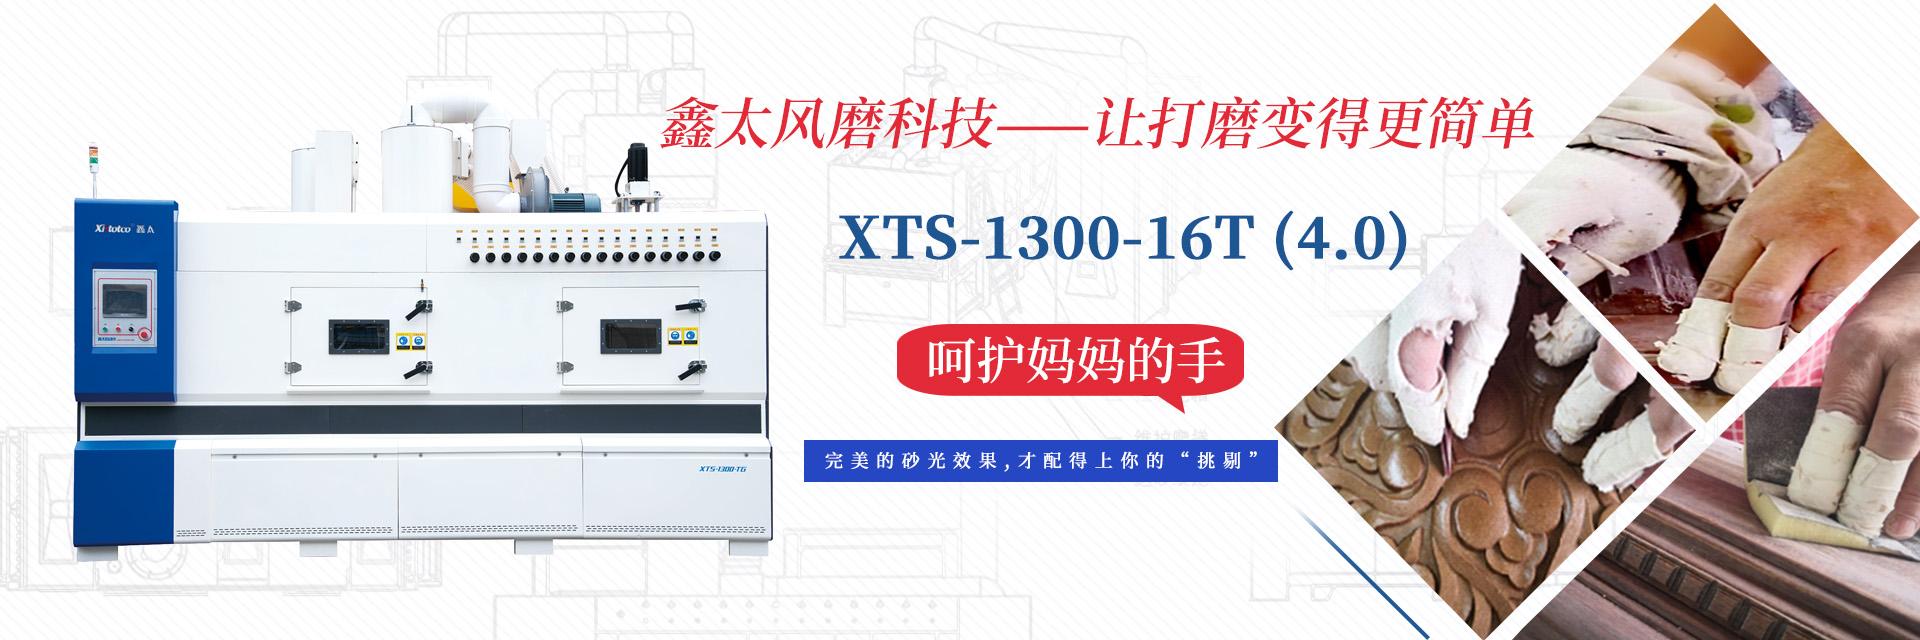 广东鑫太自动化设备有限公司